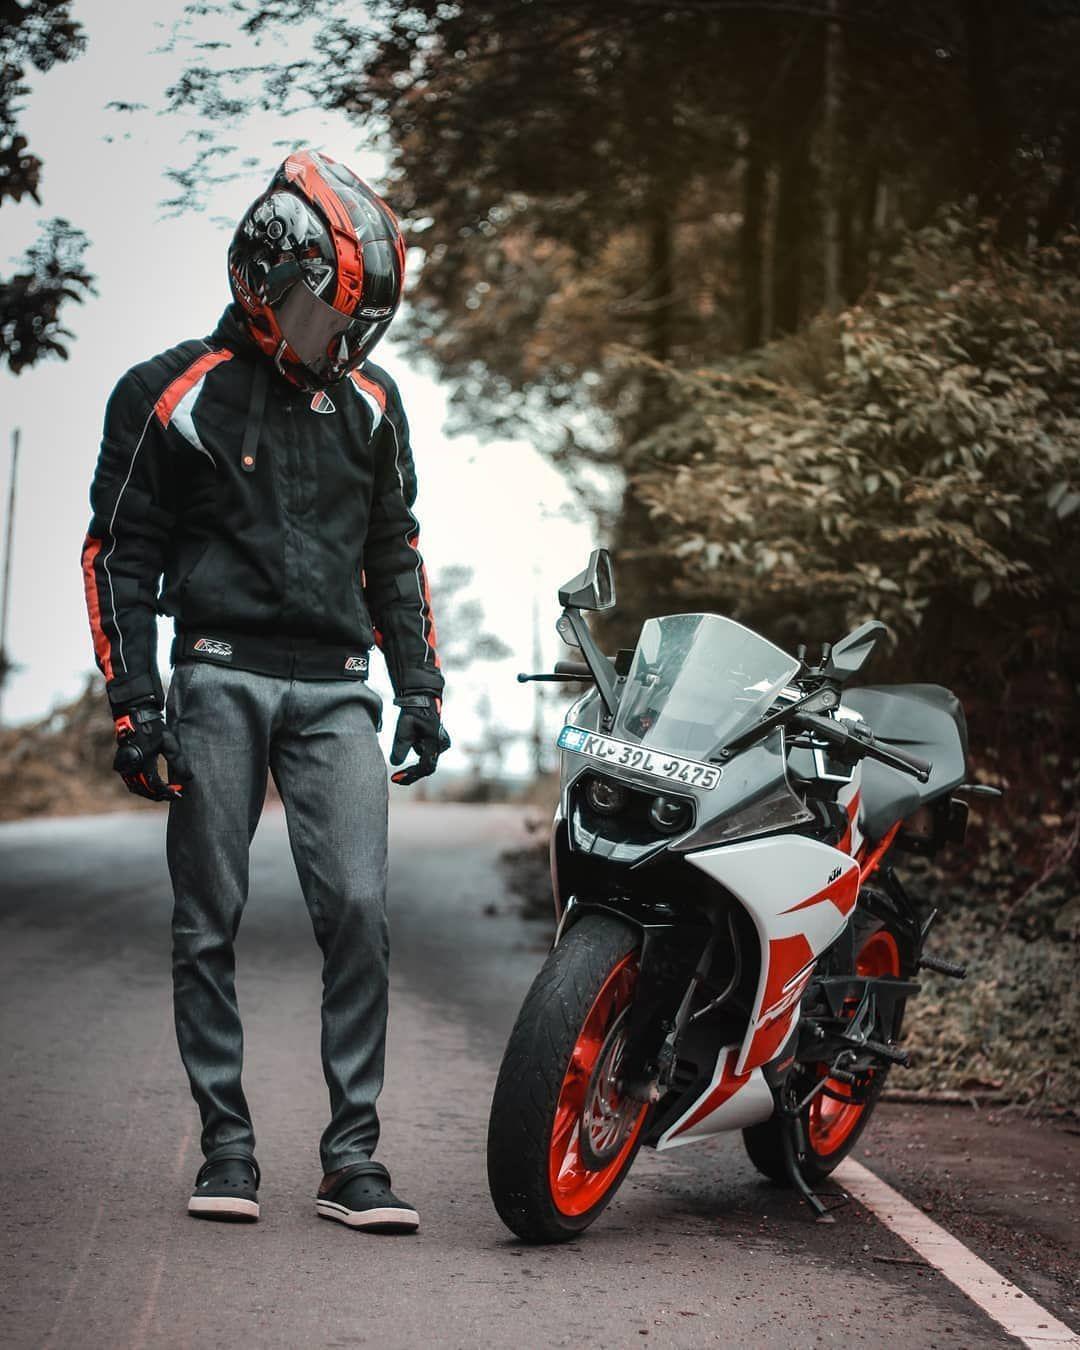 Ktm Bike Duke Bike Ktm Rc 200 Ktm Rc